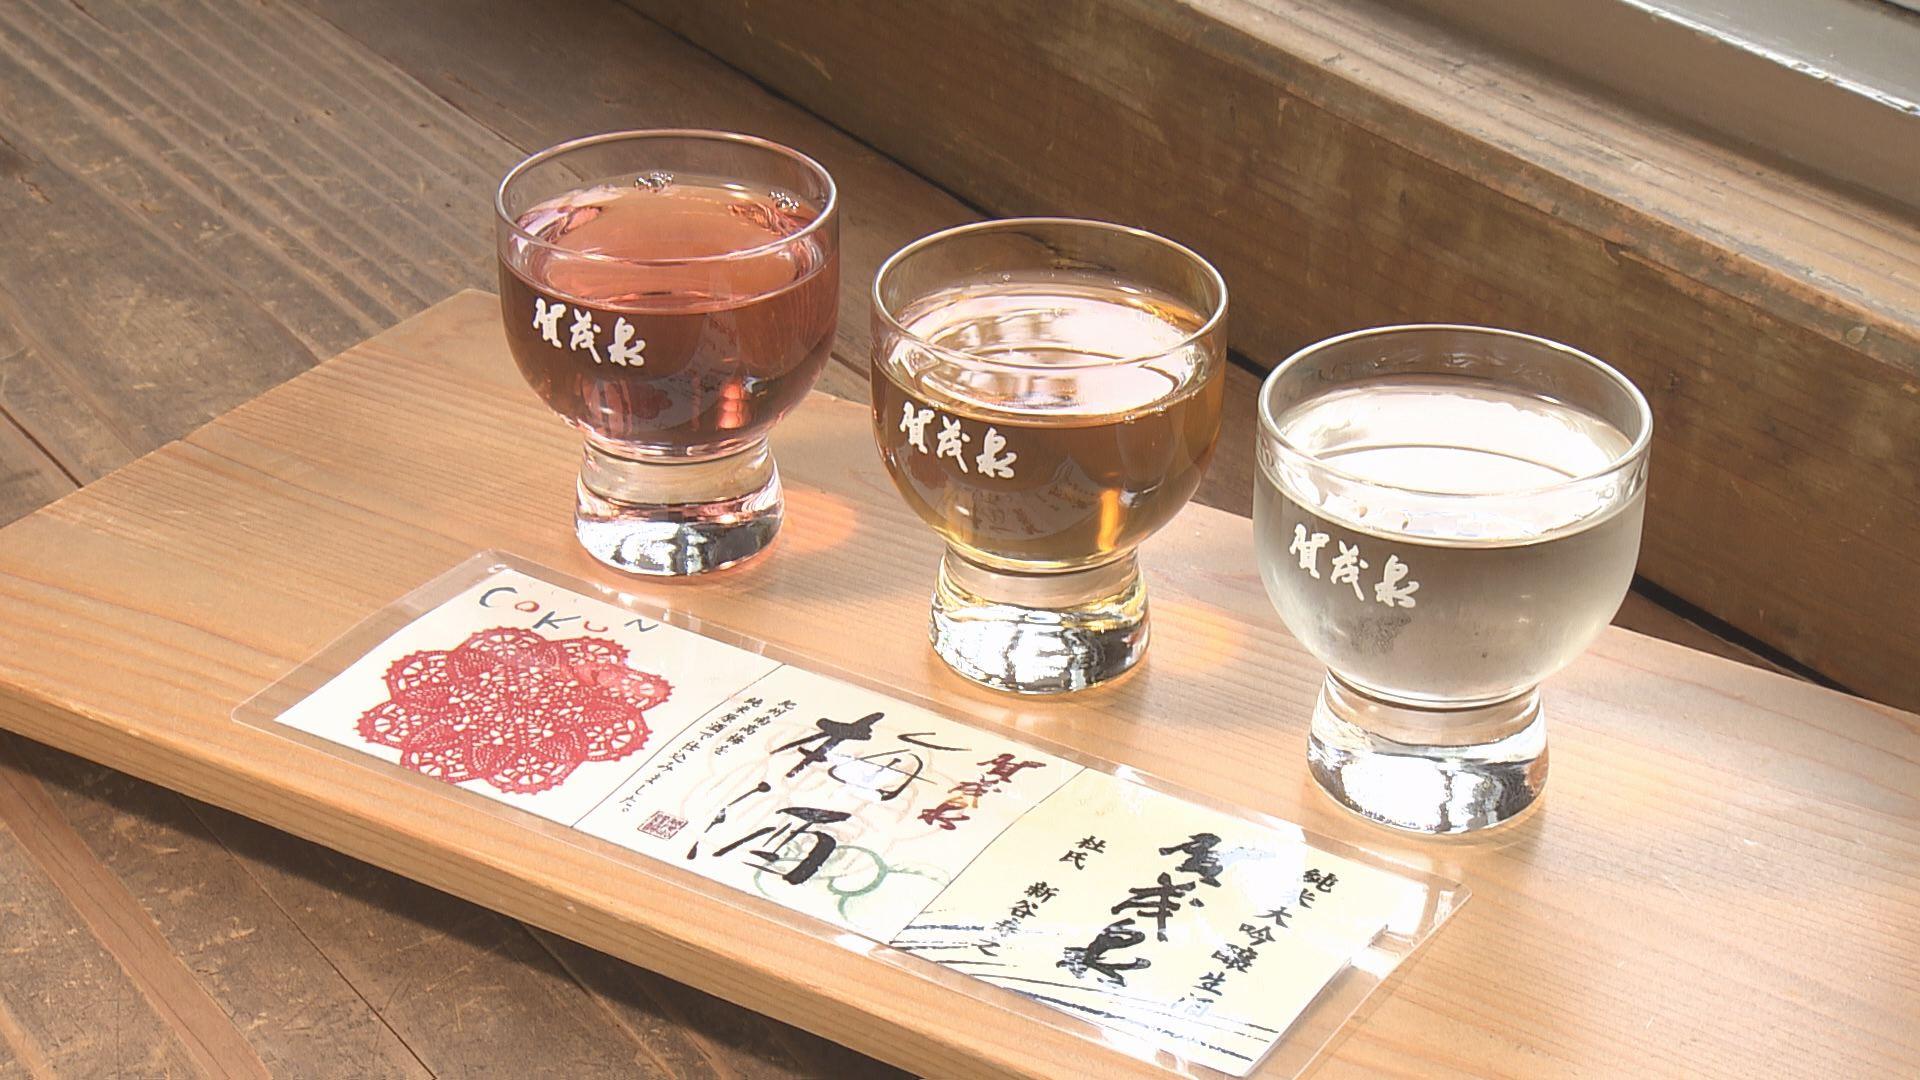 左からCOKUN、梅酒、純米大吟醸生酒 賀茂泉